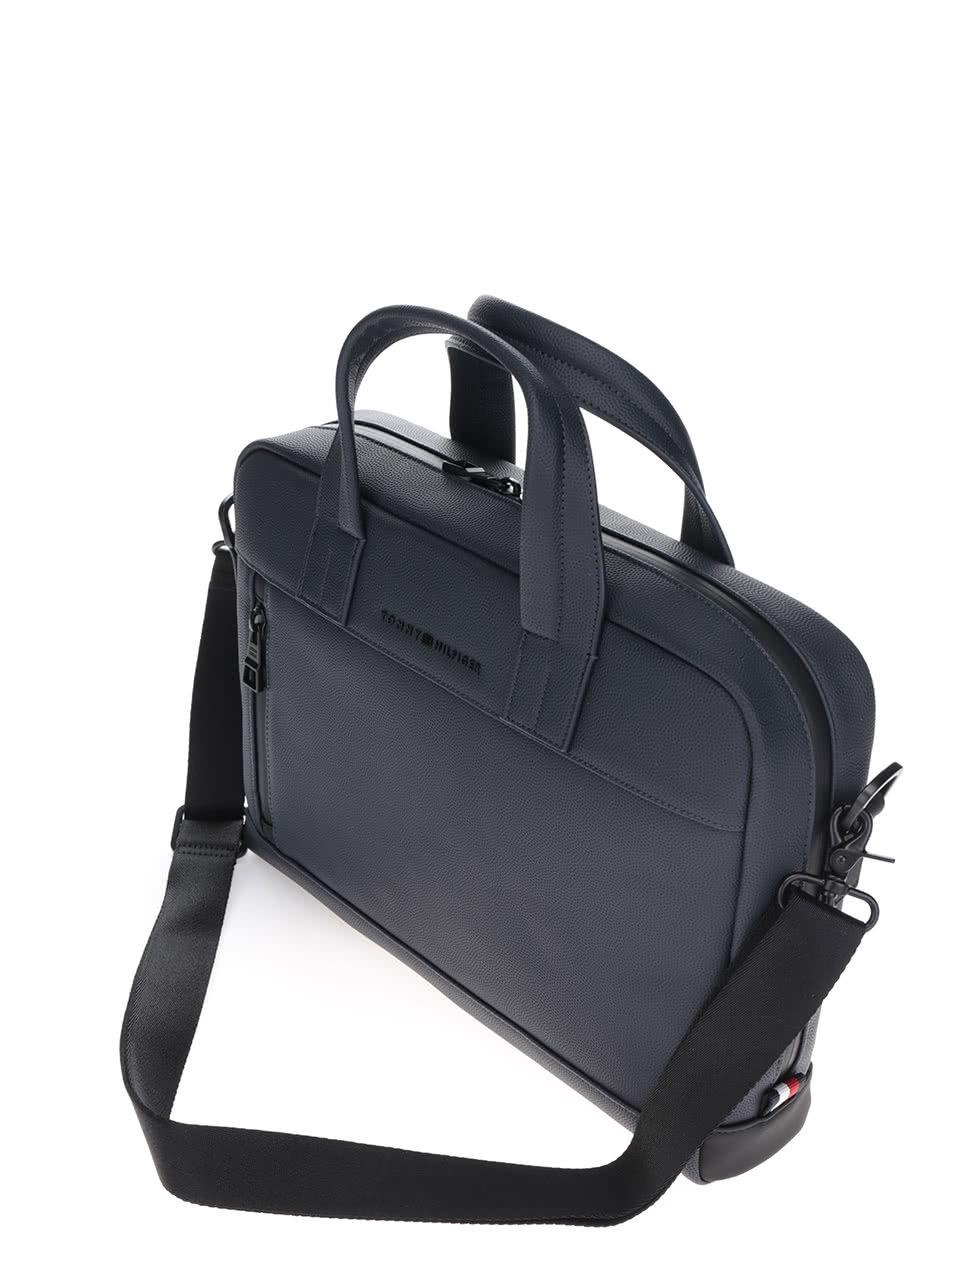 0bb672d272 Tmavě modrá pánská taška na notebook Tommy Hilfiger ...